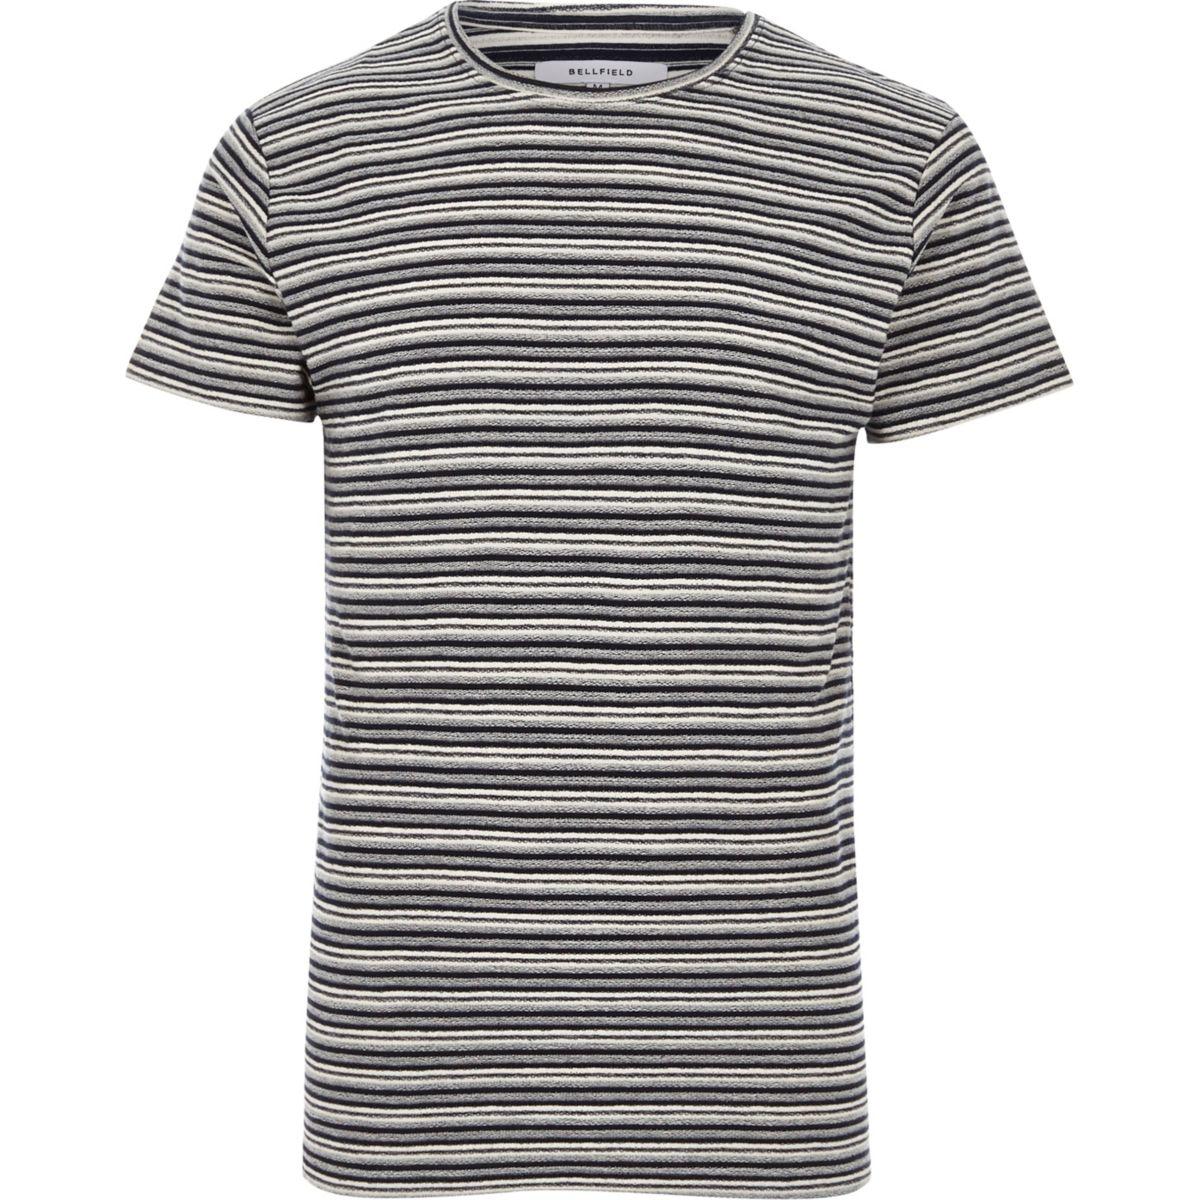 Bellfield - Zwart gestreept T-shirt met ronde hals